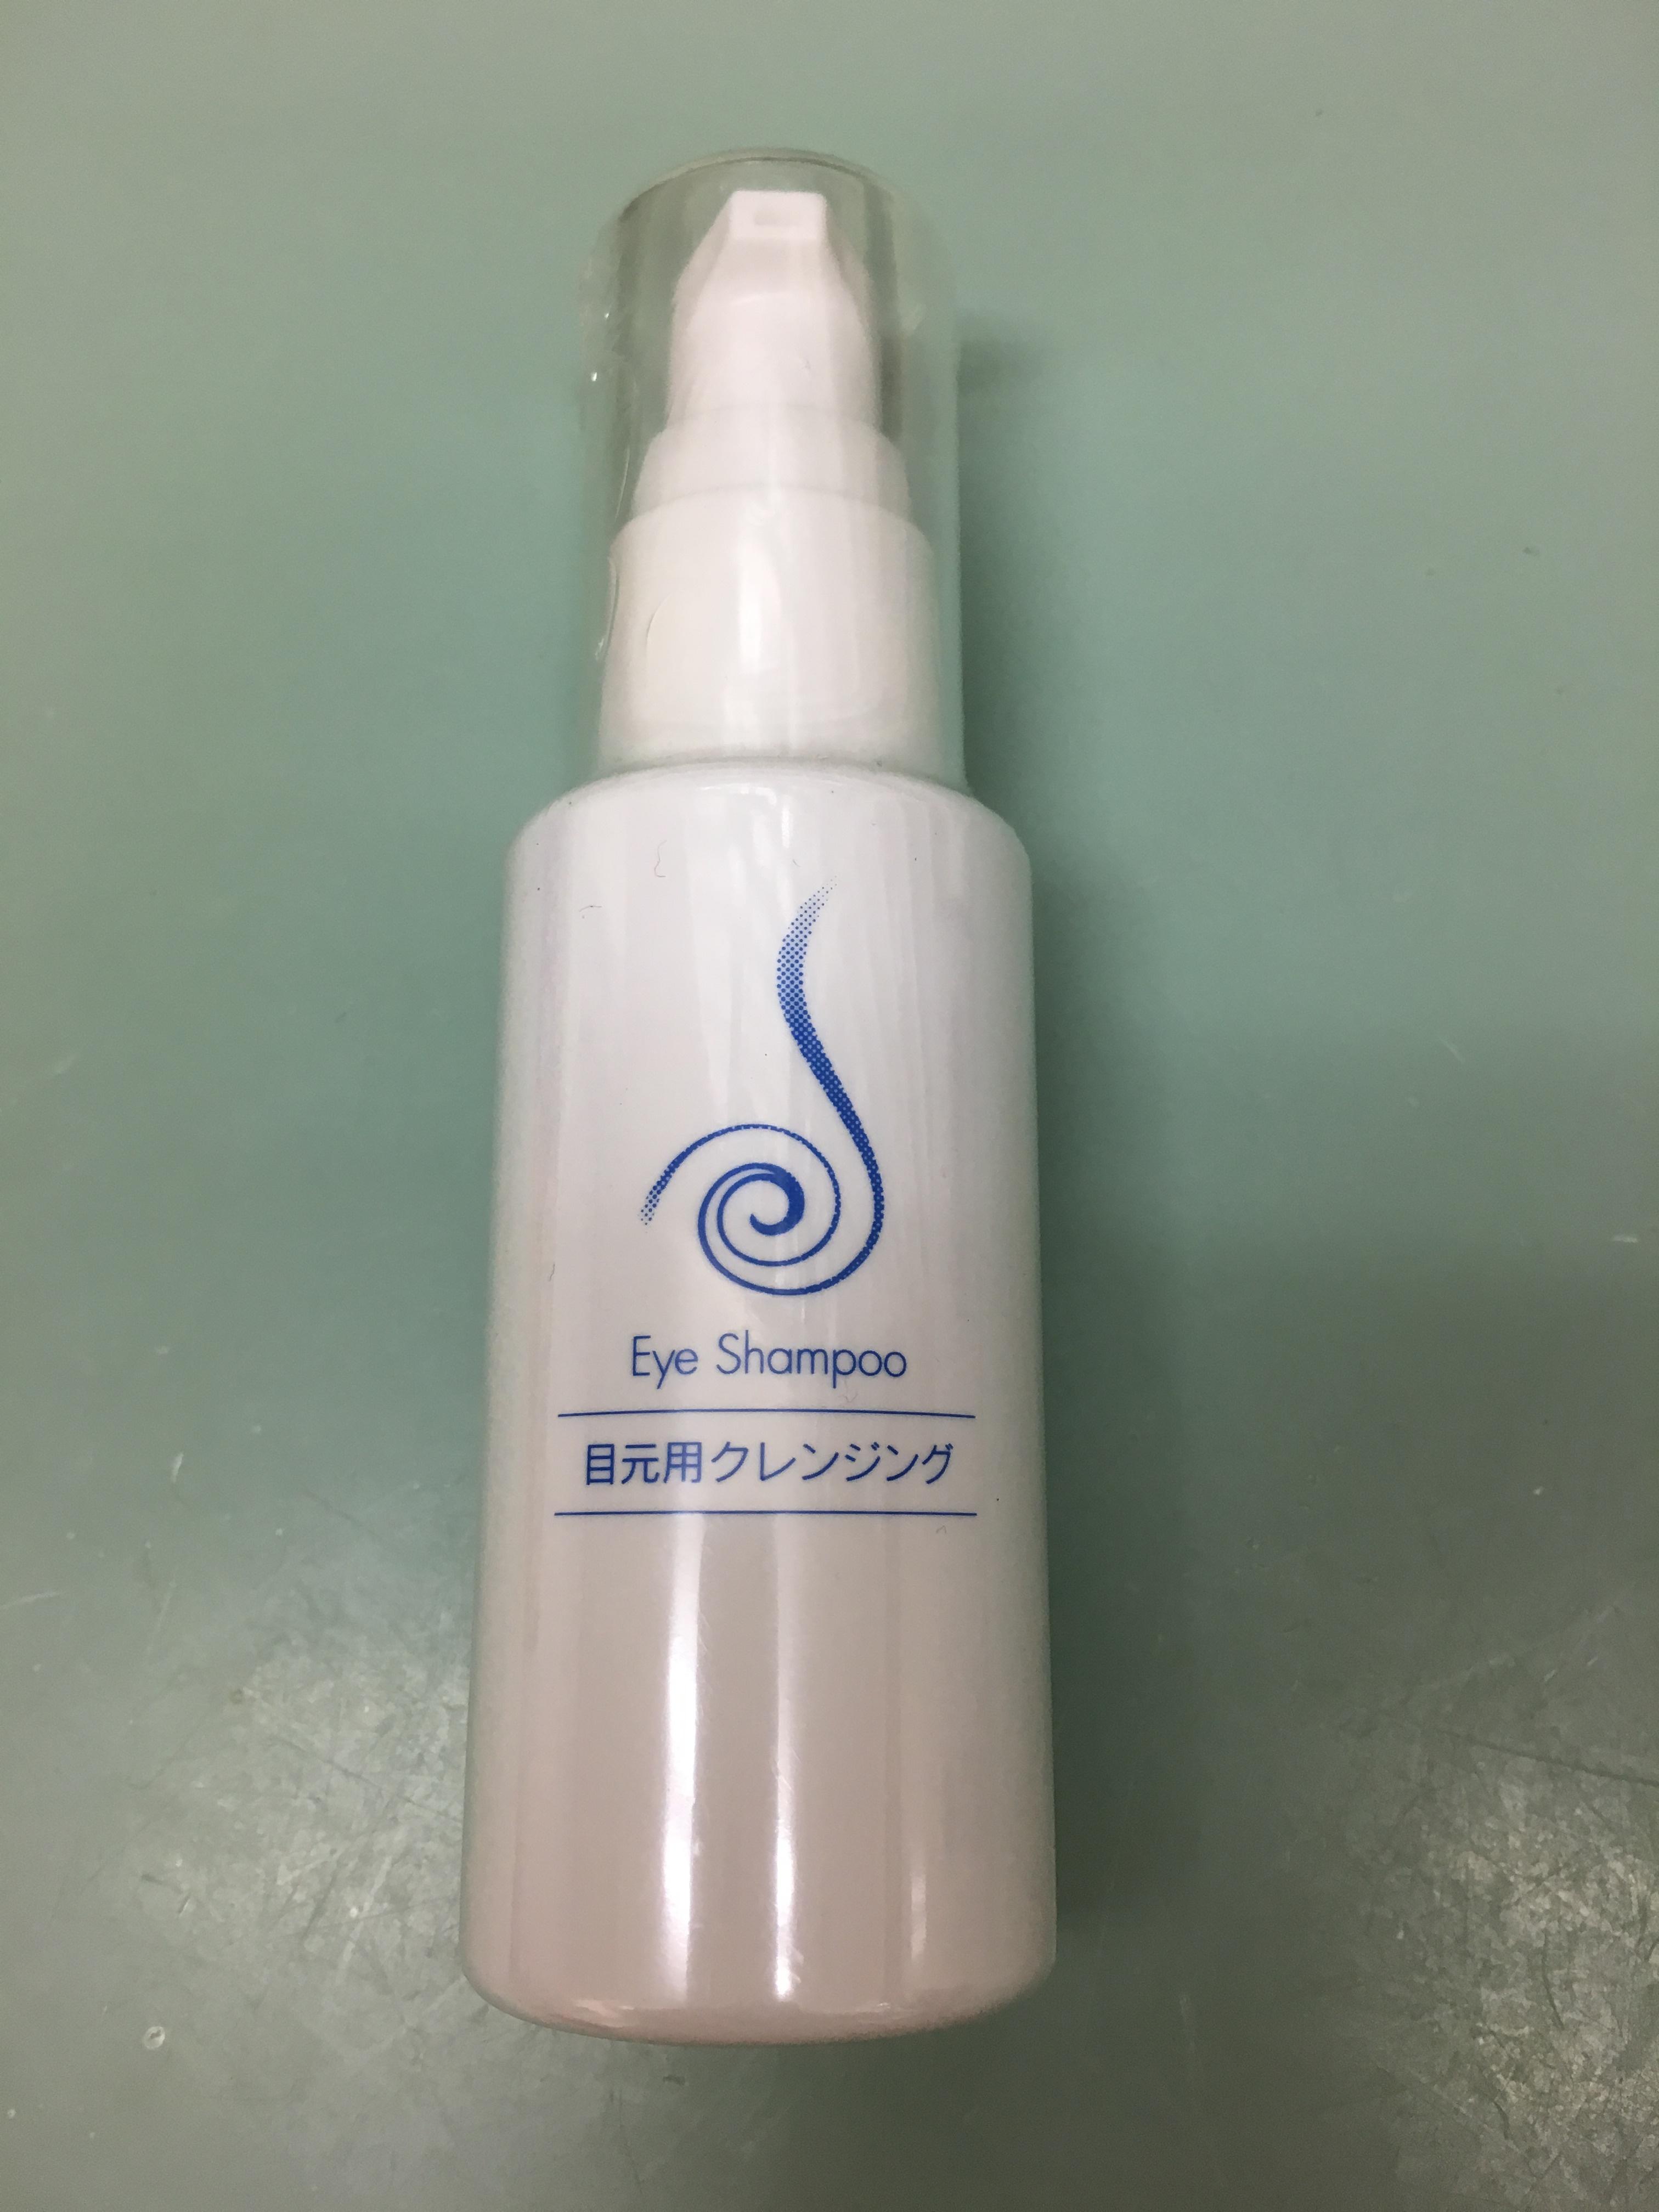 Eye Shampoo アイシャンプー